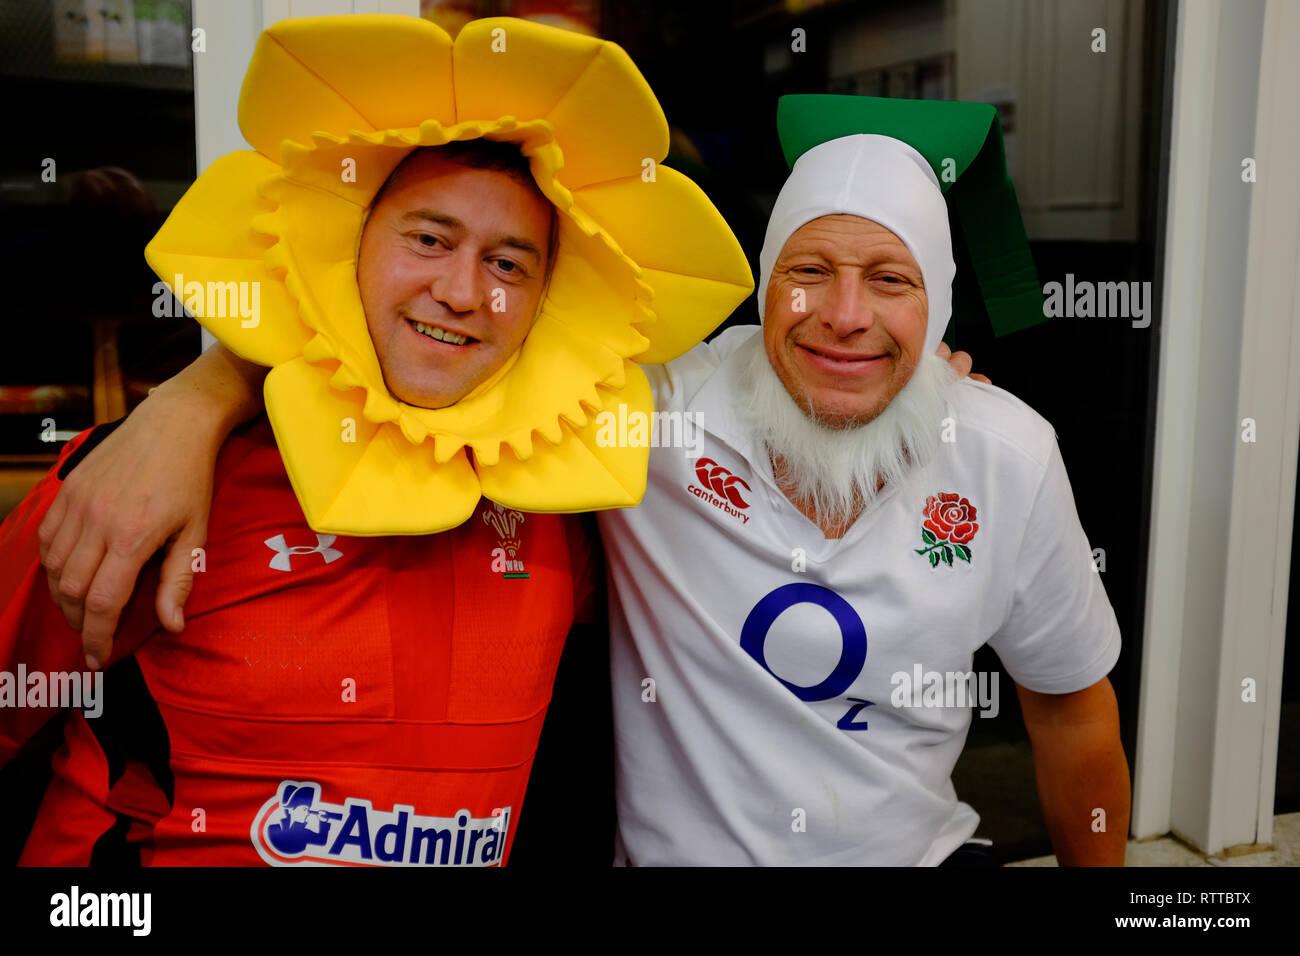 L'Angleterre, Pays de Galles,Rugby,partisans,en,plats à emporter, kebab, boutique, habillé, as, jonquille, plaqués, habillez-vous, Photo Stock